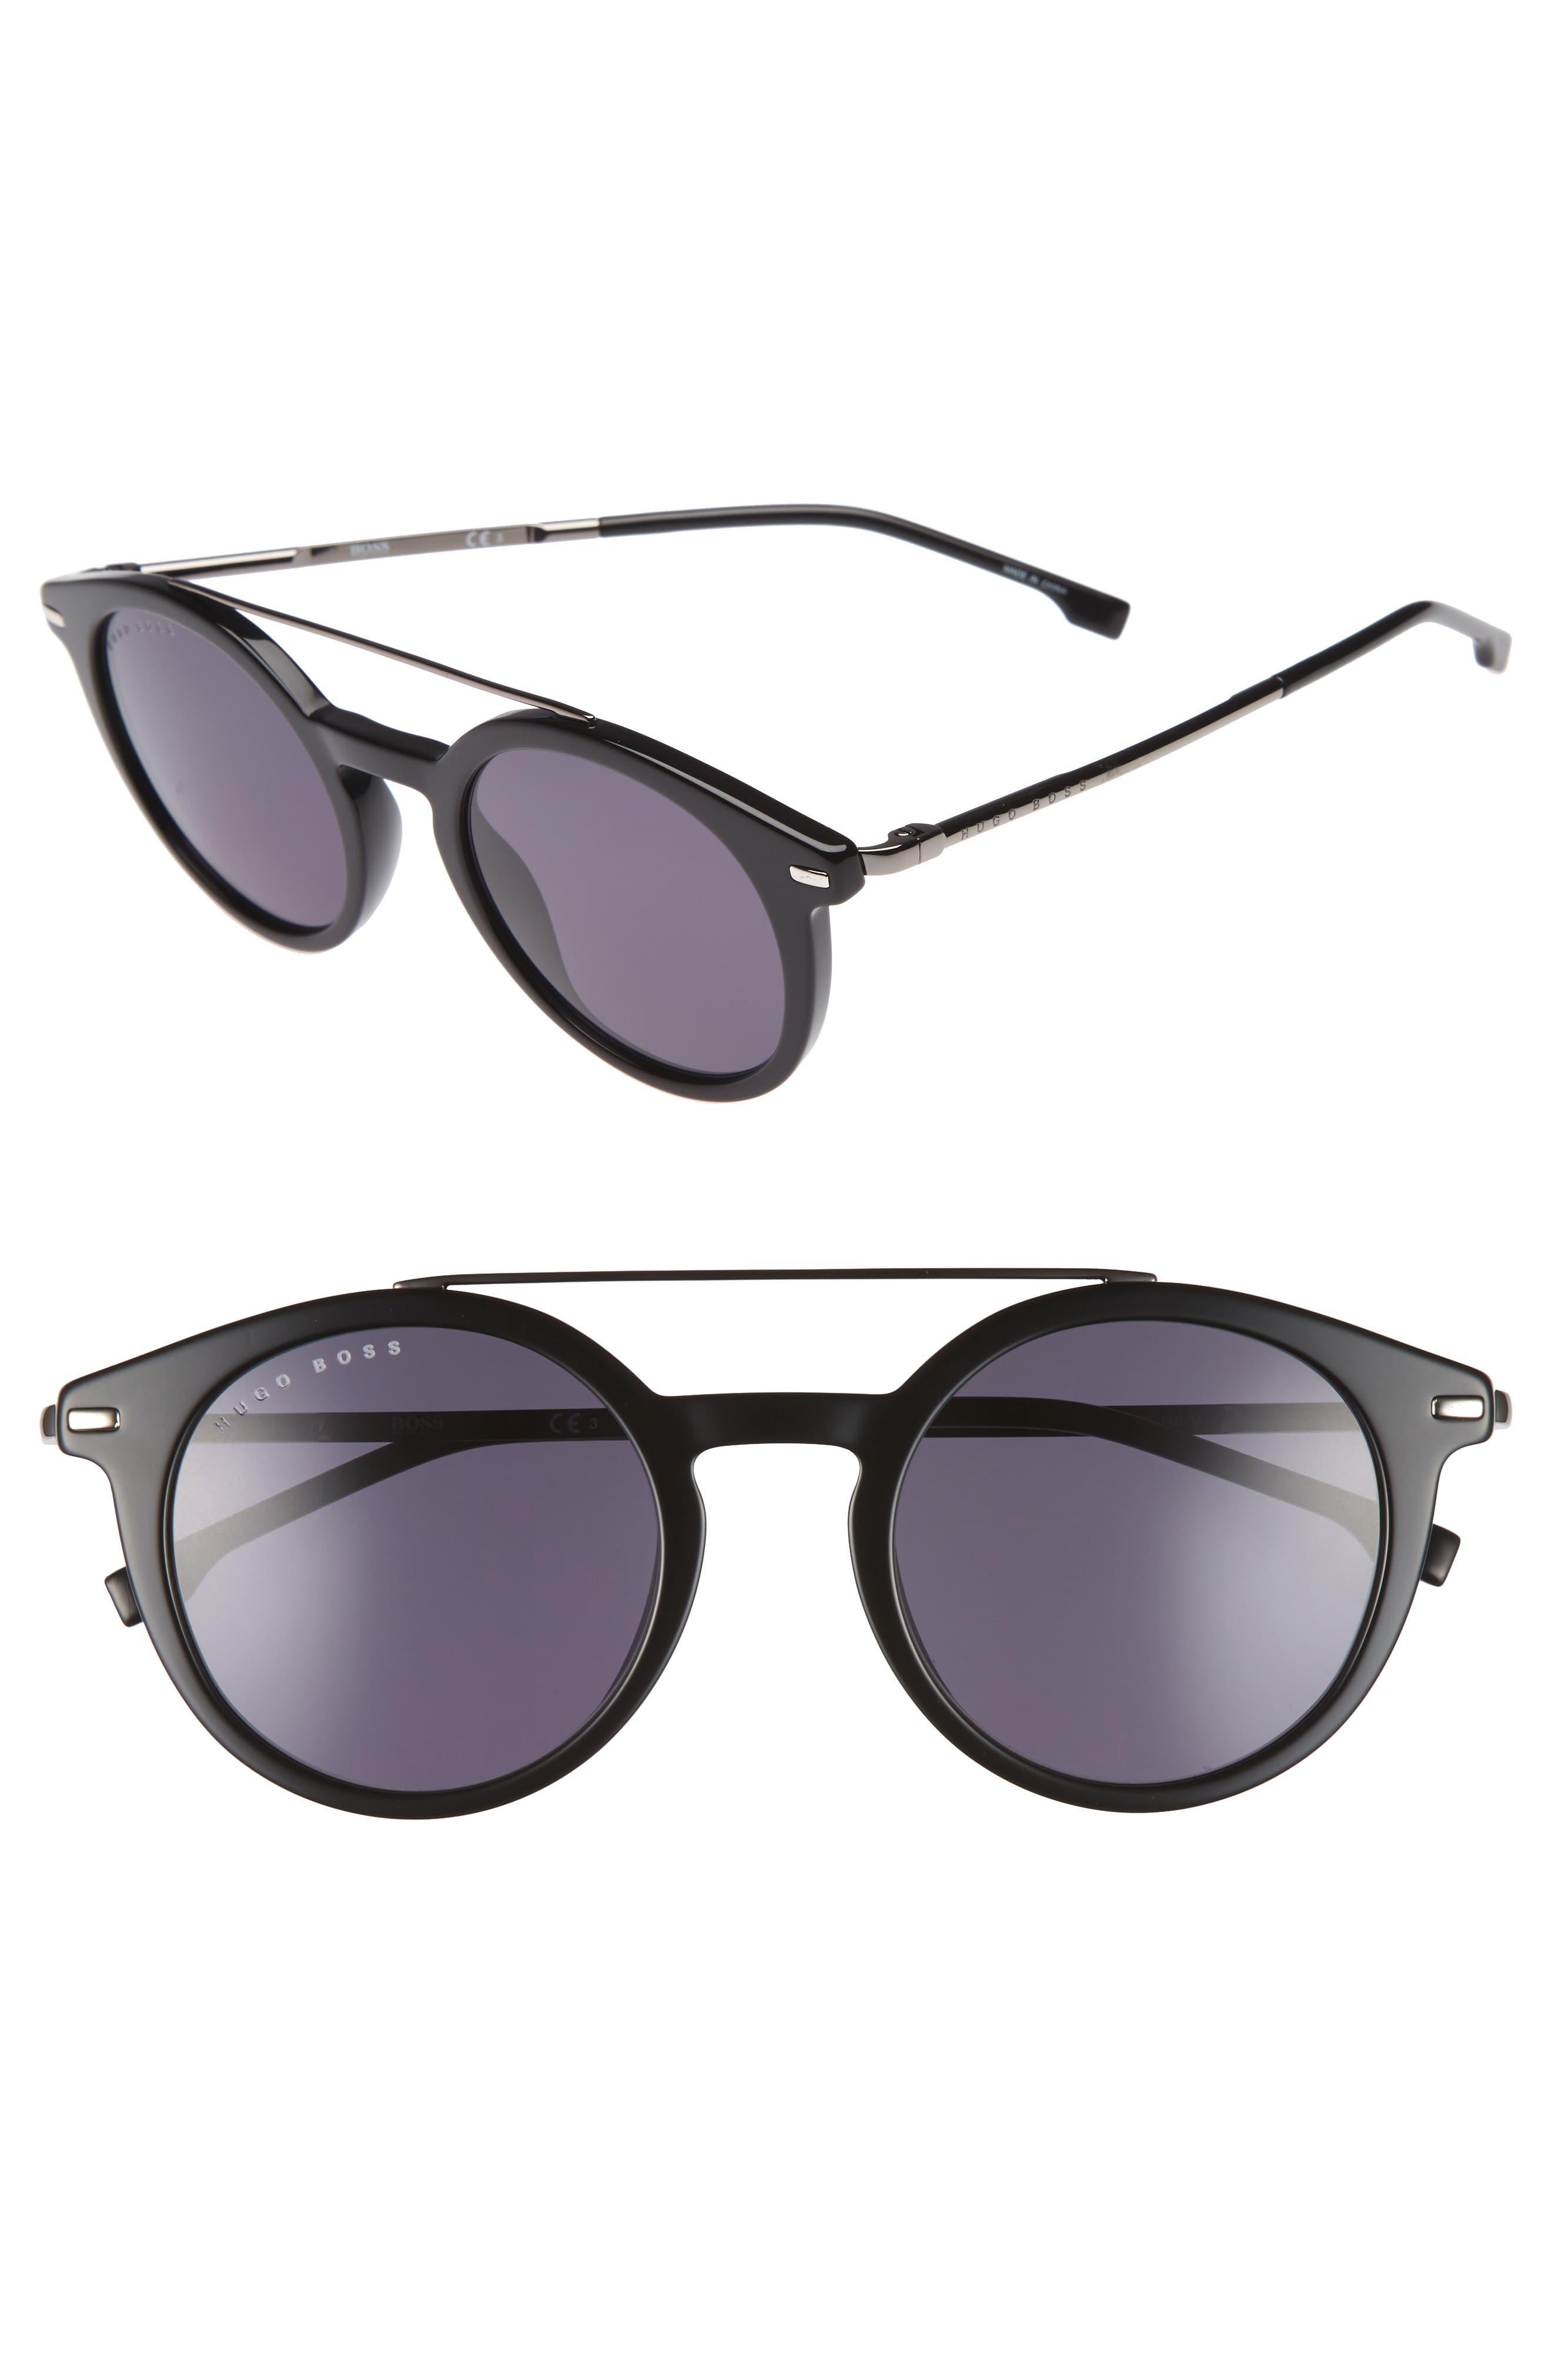 B0926S 49mm Polarized Sunglasses,                             Main thumbnail 1, color,                             BLACK